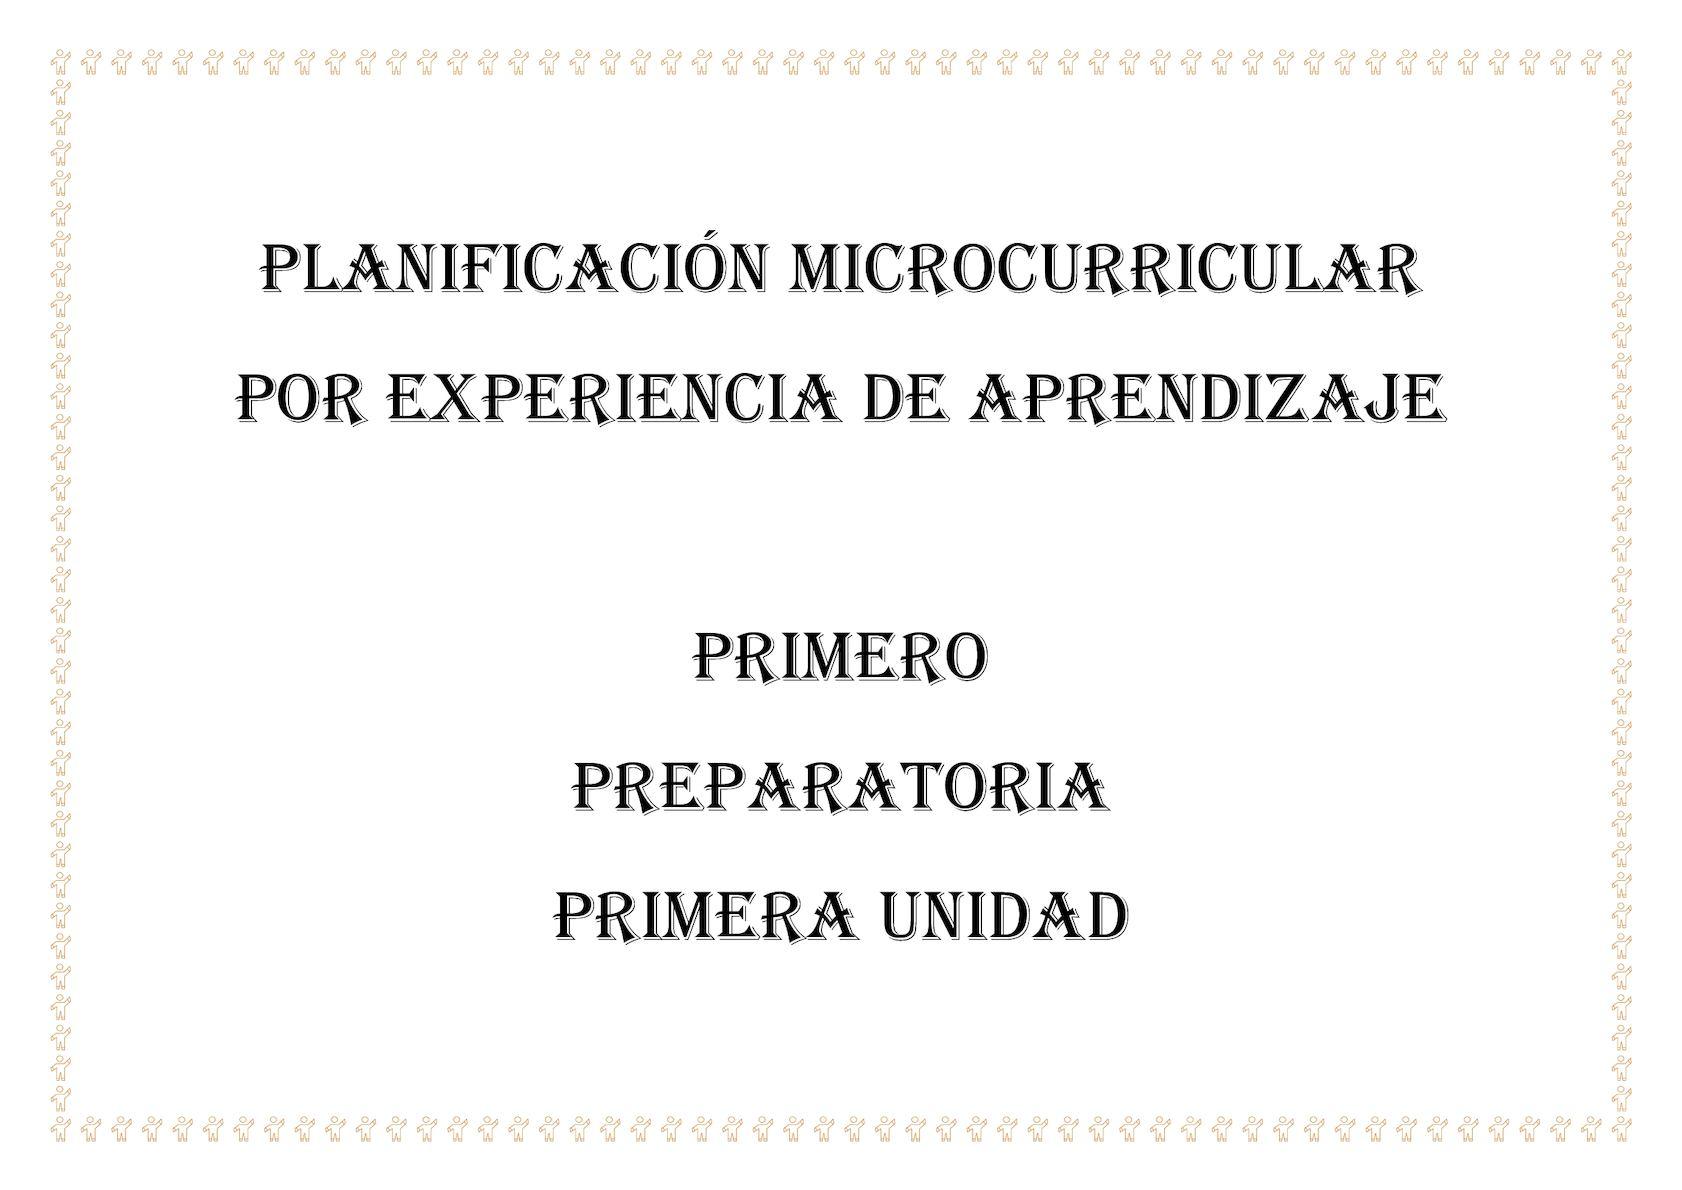 Calaméo - Preparatoria 1era Y 2da Unidad 1 (1)